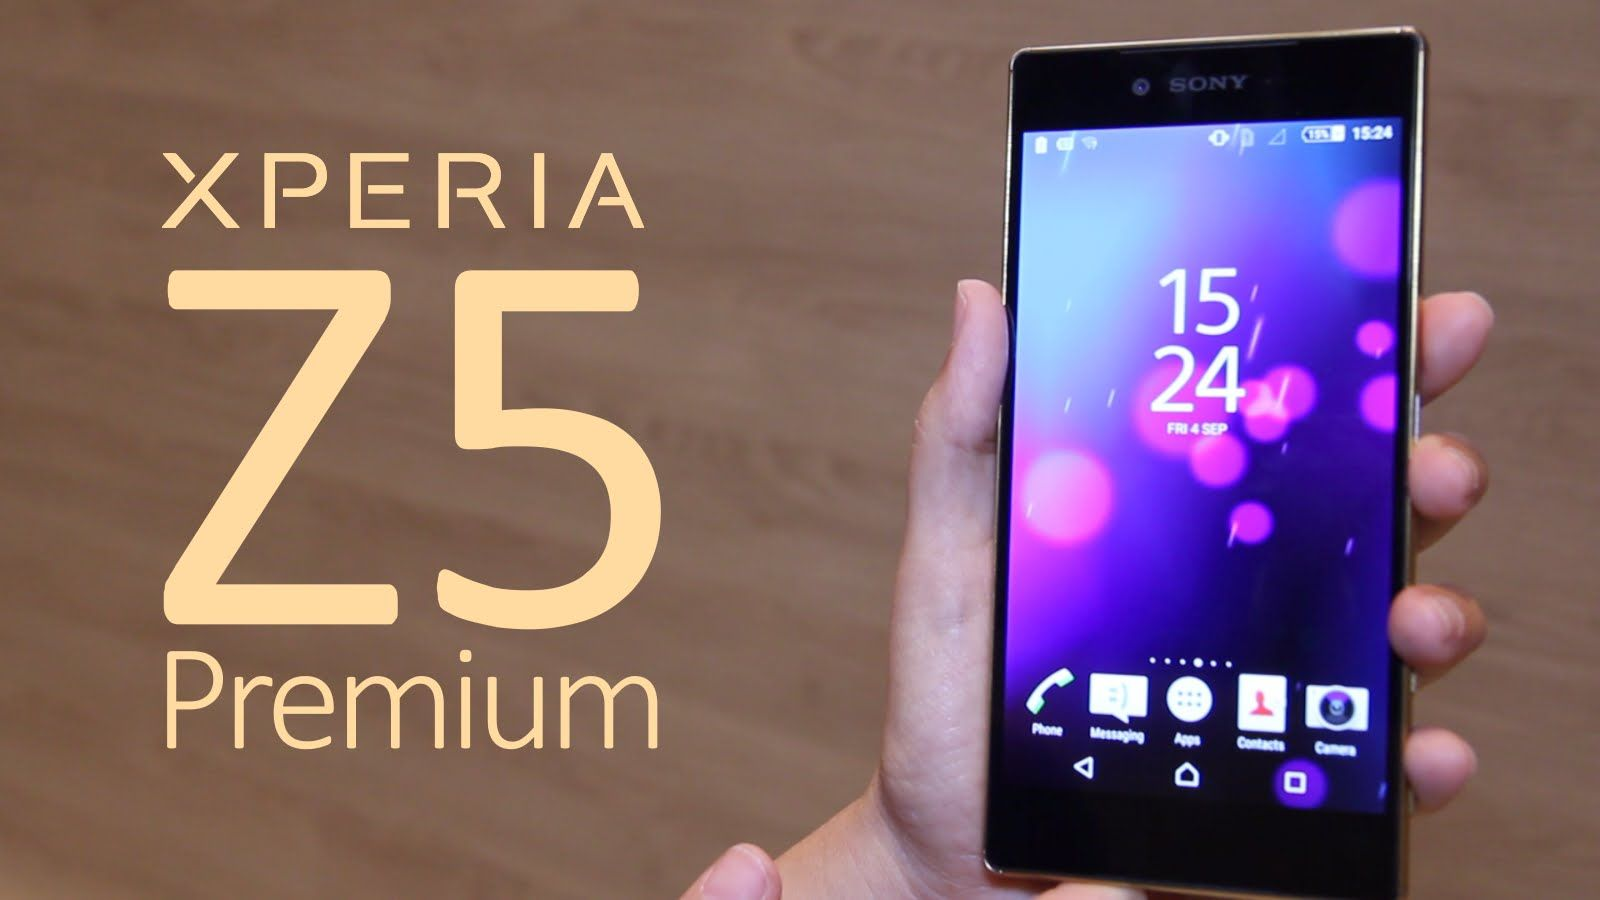 Xperia Z5 PREMIUM: Primeras impresiones, polémica 4K y Opinión (español)